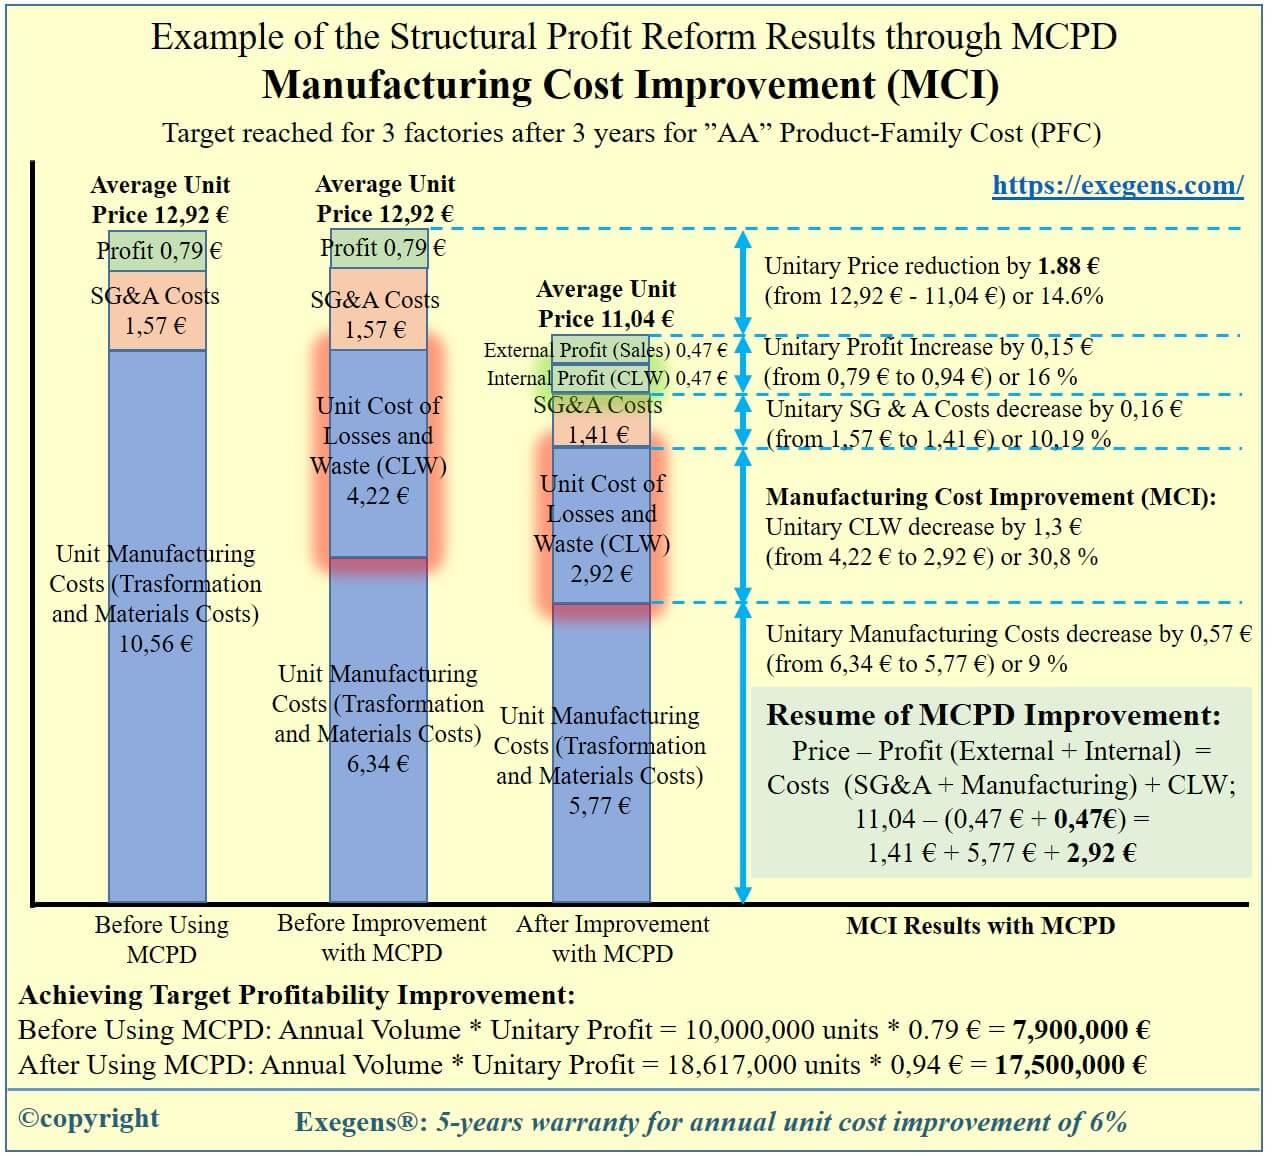 Structural Profit Reform